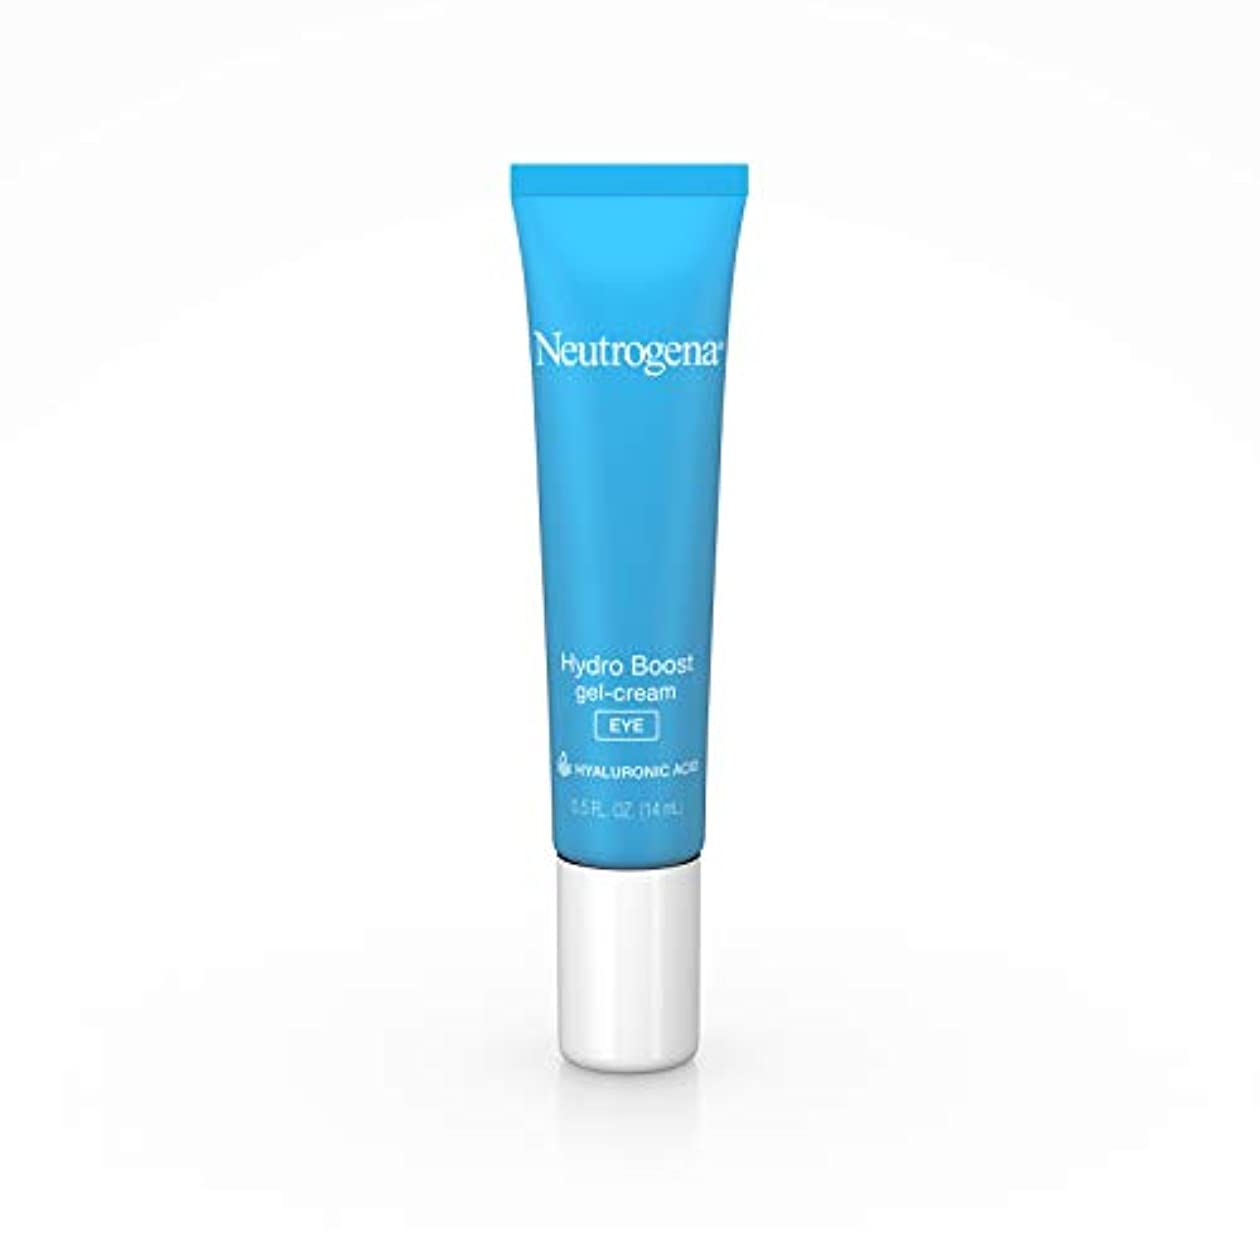 気体の好色な望みNeutrogena Hydro Boost gel-cream、extra-dryスキン